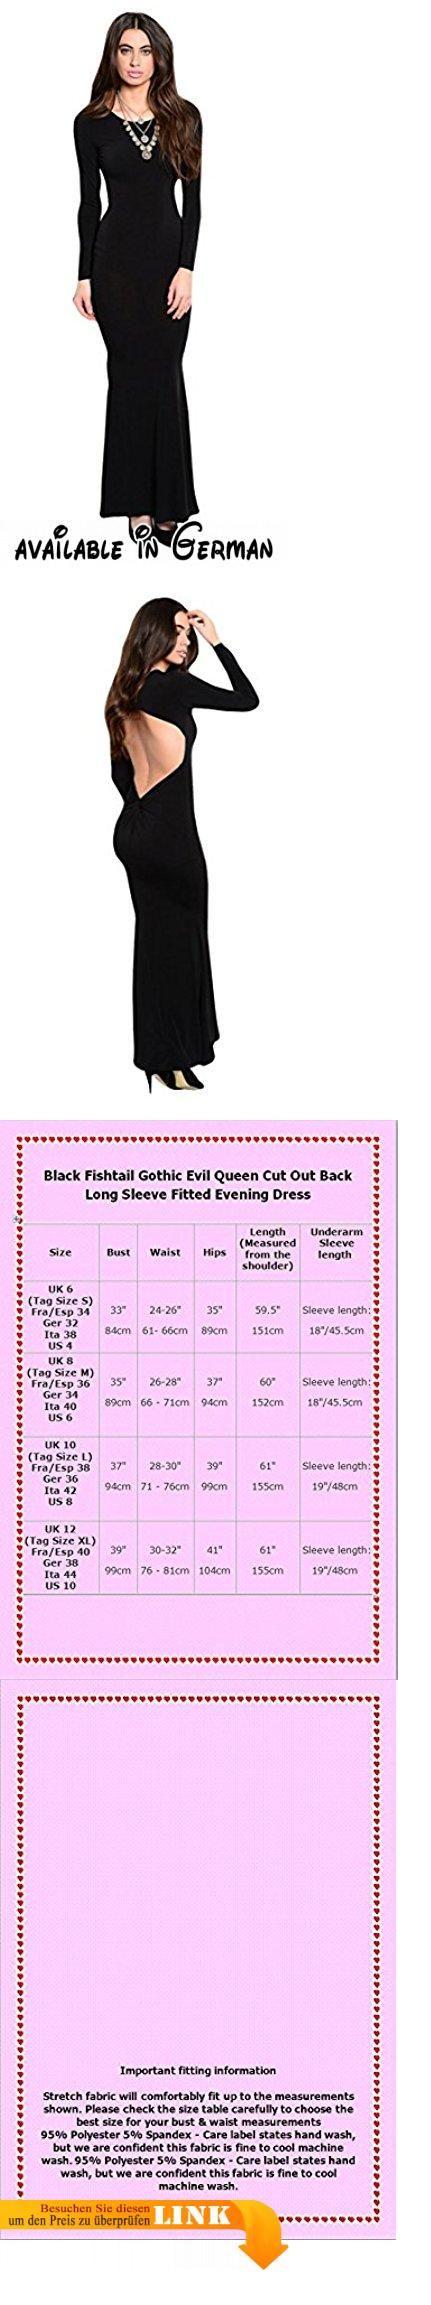 Schwarz (Backless Evening Dress) Abendkleid mit Rückenausschnitt. Gr.38. Ein auffallend, elegant Kleid mit Rückenausschnitt u. schmeichelnden Twist an der Rücktaille. Aus weichem, dehnbaren Stoff gemacht mit langen, eng geschnitten Ärmeln. Fantastisch Fischschwanz Saum für schöne Bewegung.. Können Sie es mit einem Bodystocking tragen, wenn Sie kalt oder schüchtern fühlen. #Apparel #DRESS